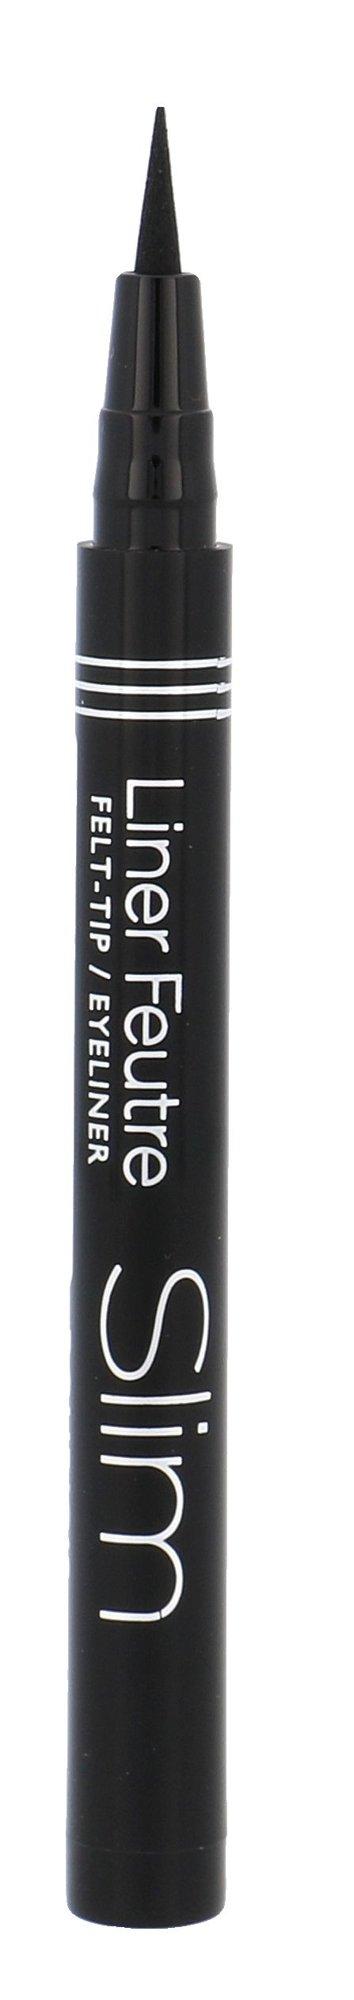 BOURJOIS Paris Liner Feutre Cosmetic 0,8ml 16 Noir